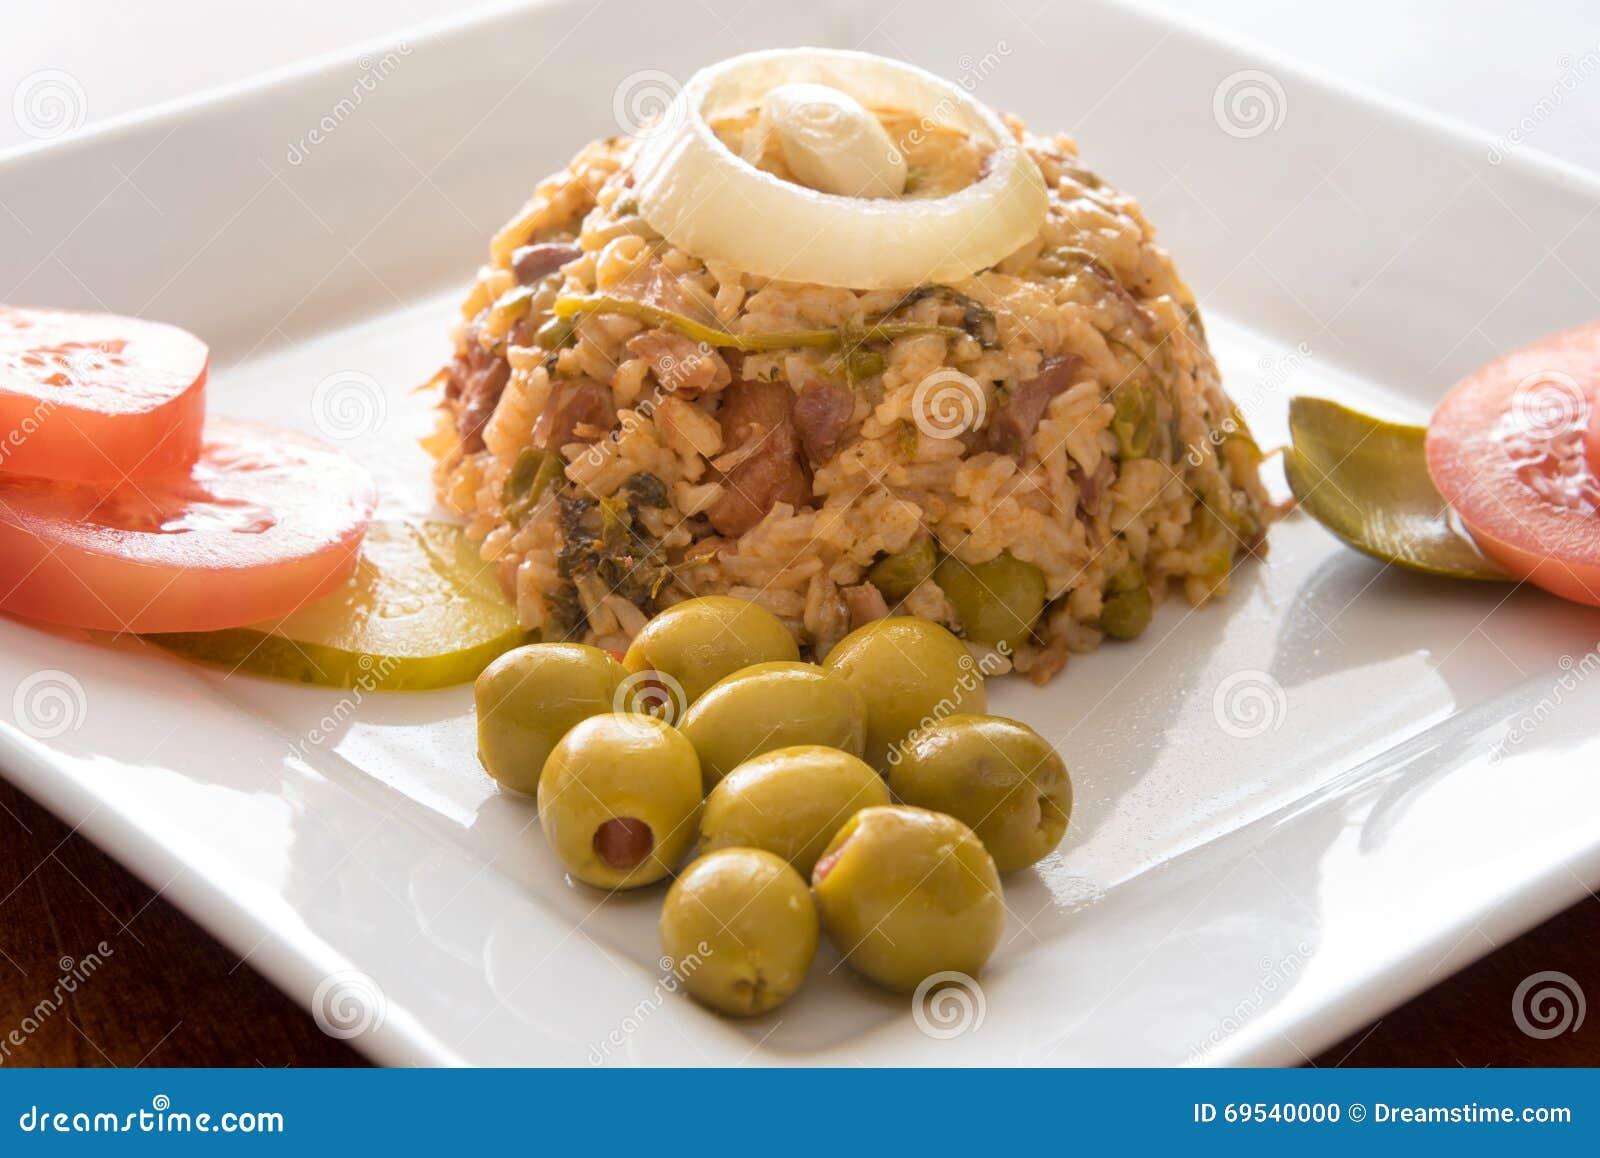 Arroz amarillo criollo tradicional de la cocina cubana